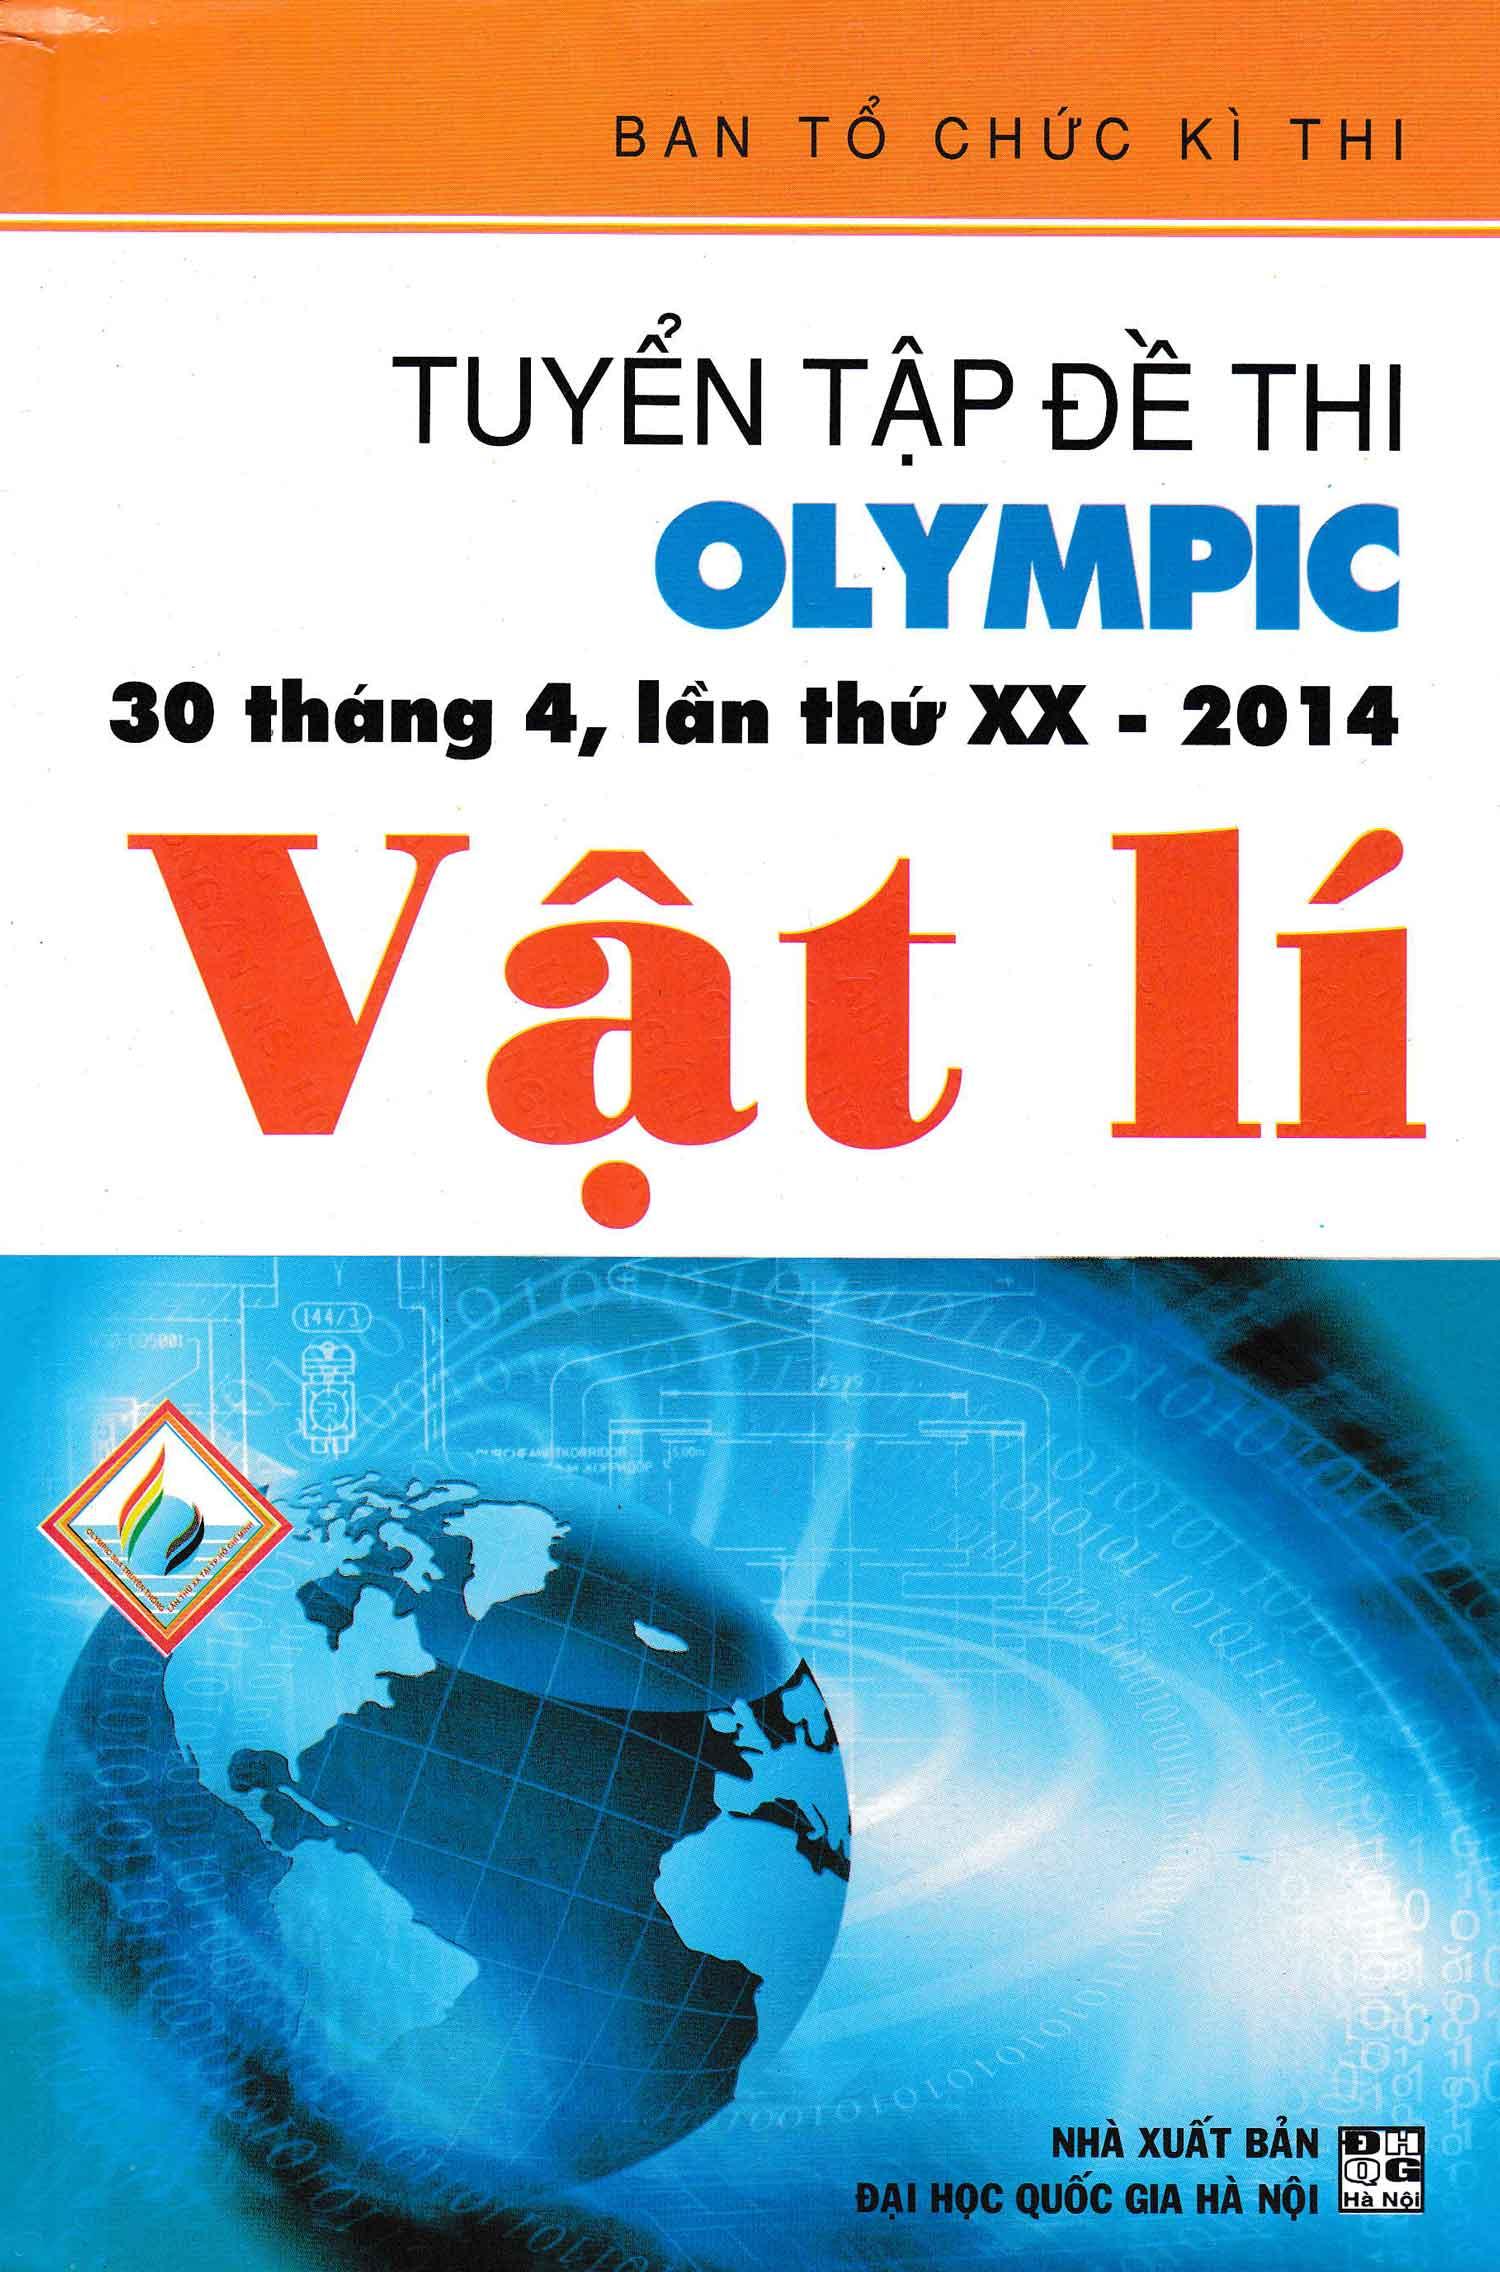 Tuyển Tập Đề Thi OLYMPIC 30 Tháng 4 Vật Lí